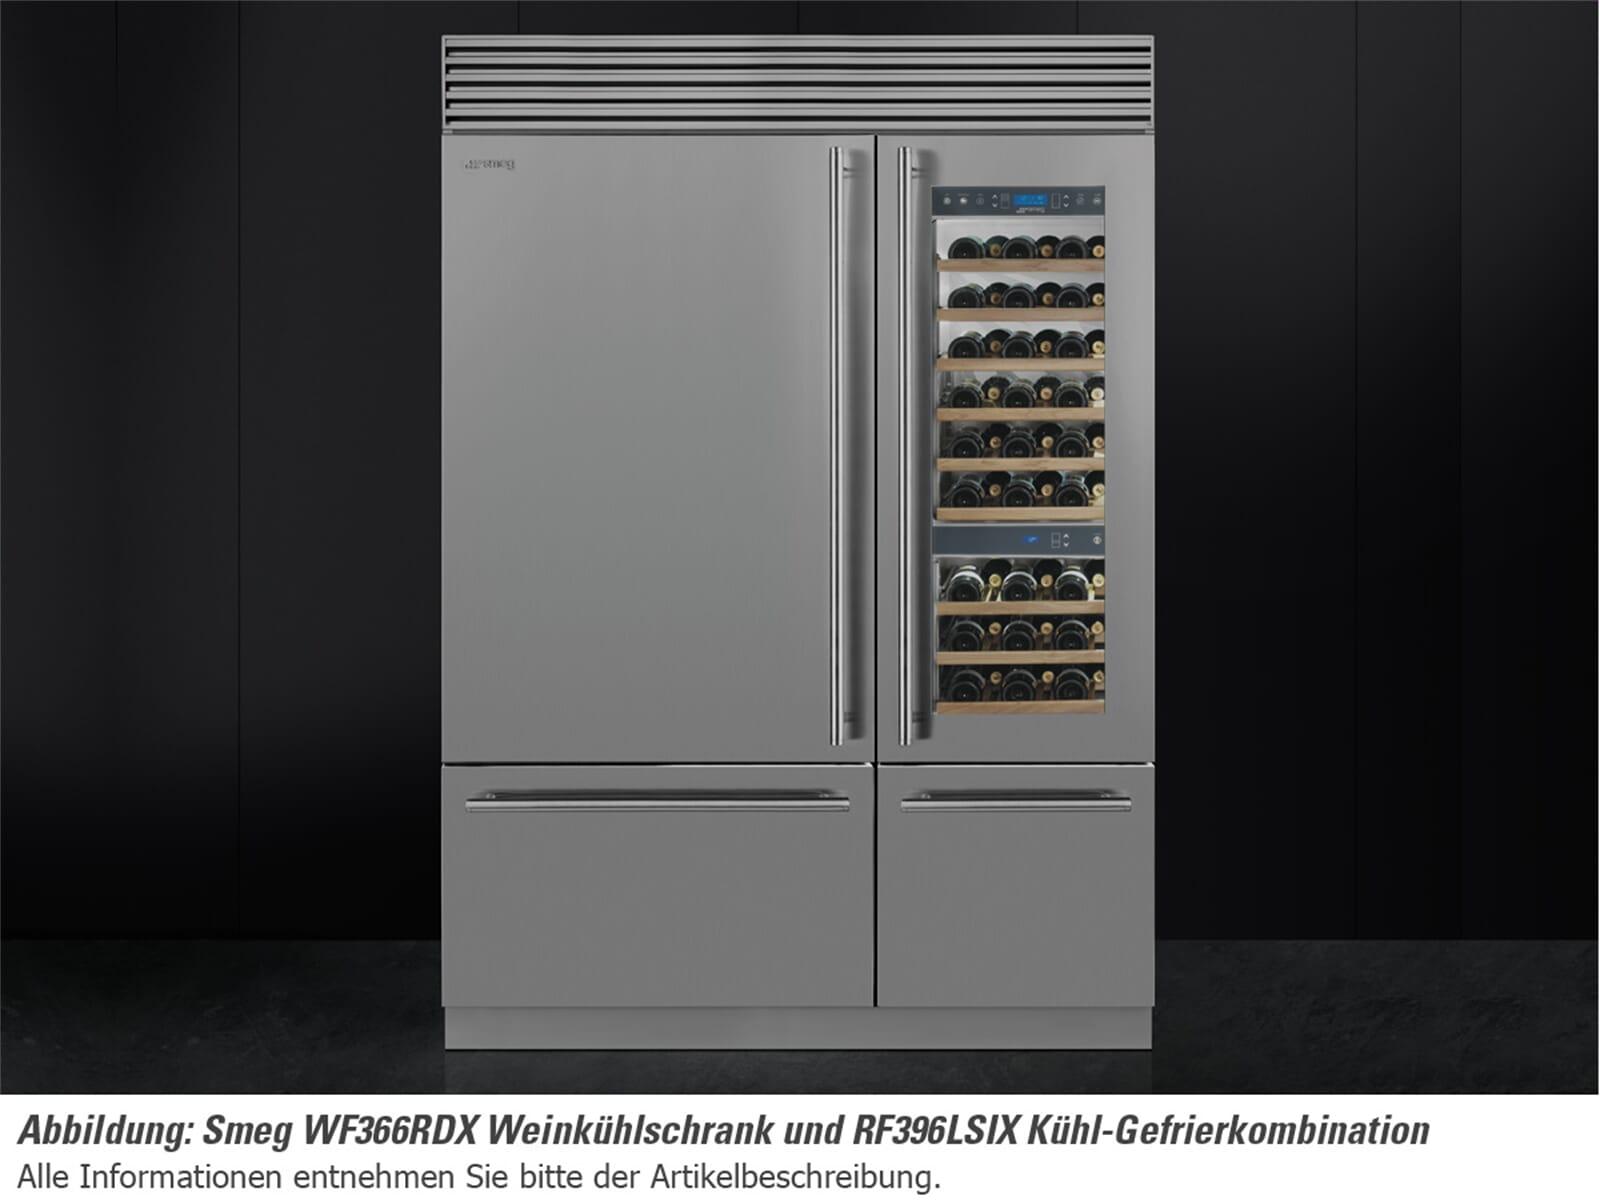 Amerikanischer Kühlschrank Mit Weinfach : Amerikanischer kühlschrank mit weinfach kühlschrank günstig